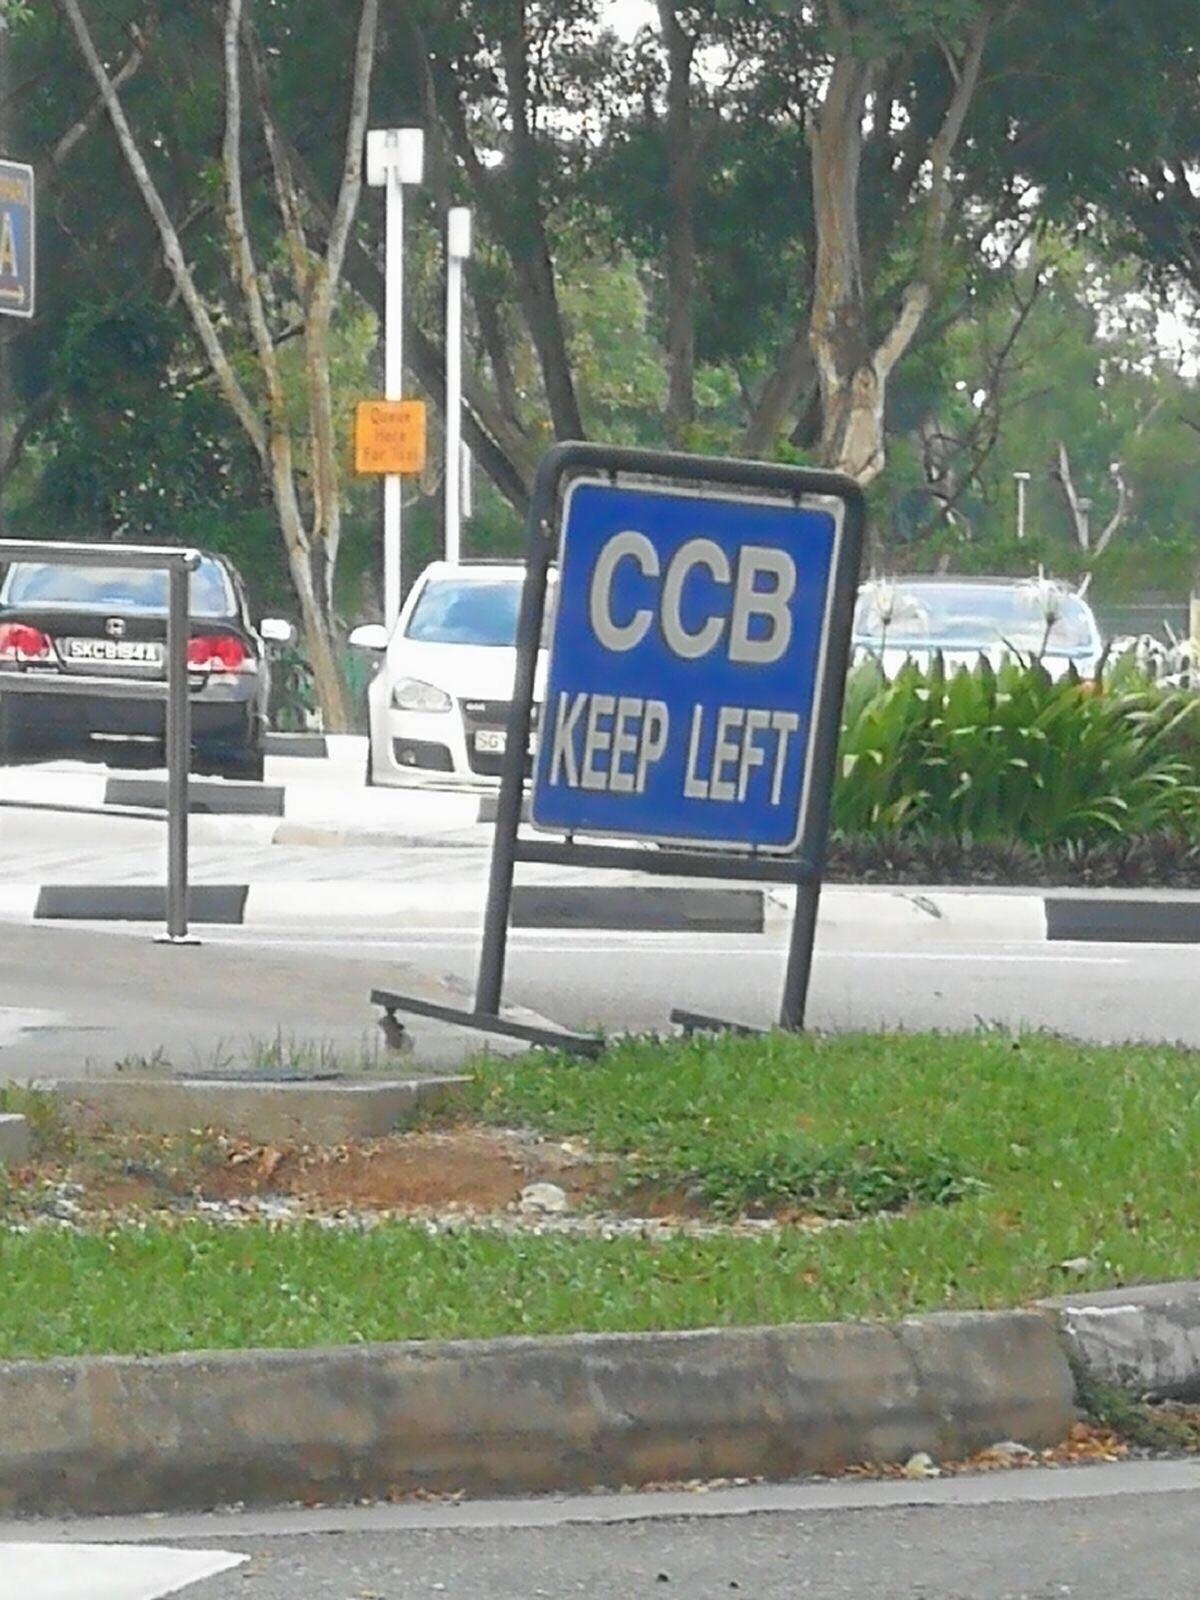 ccb keep left